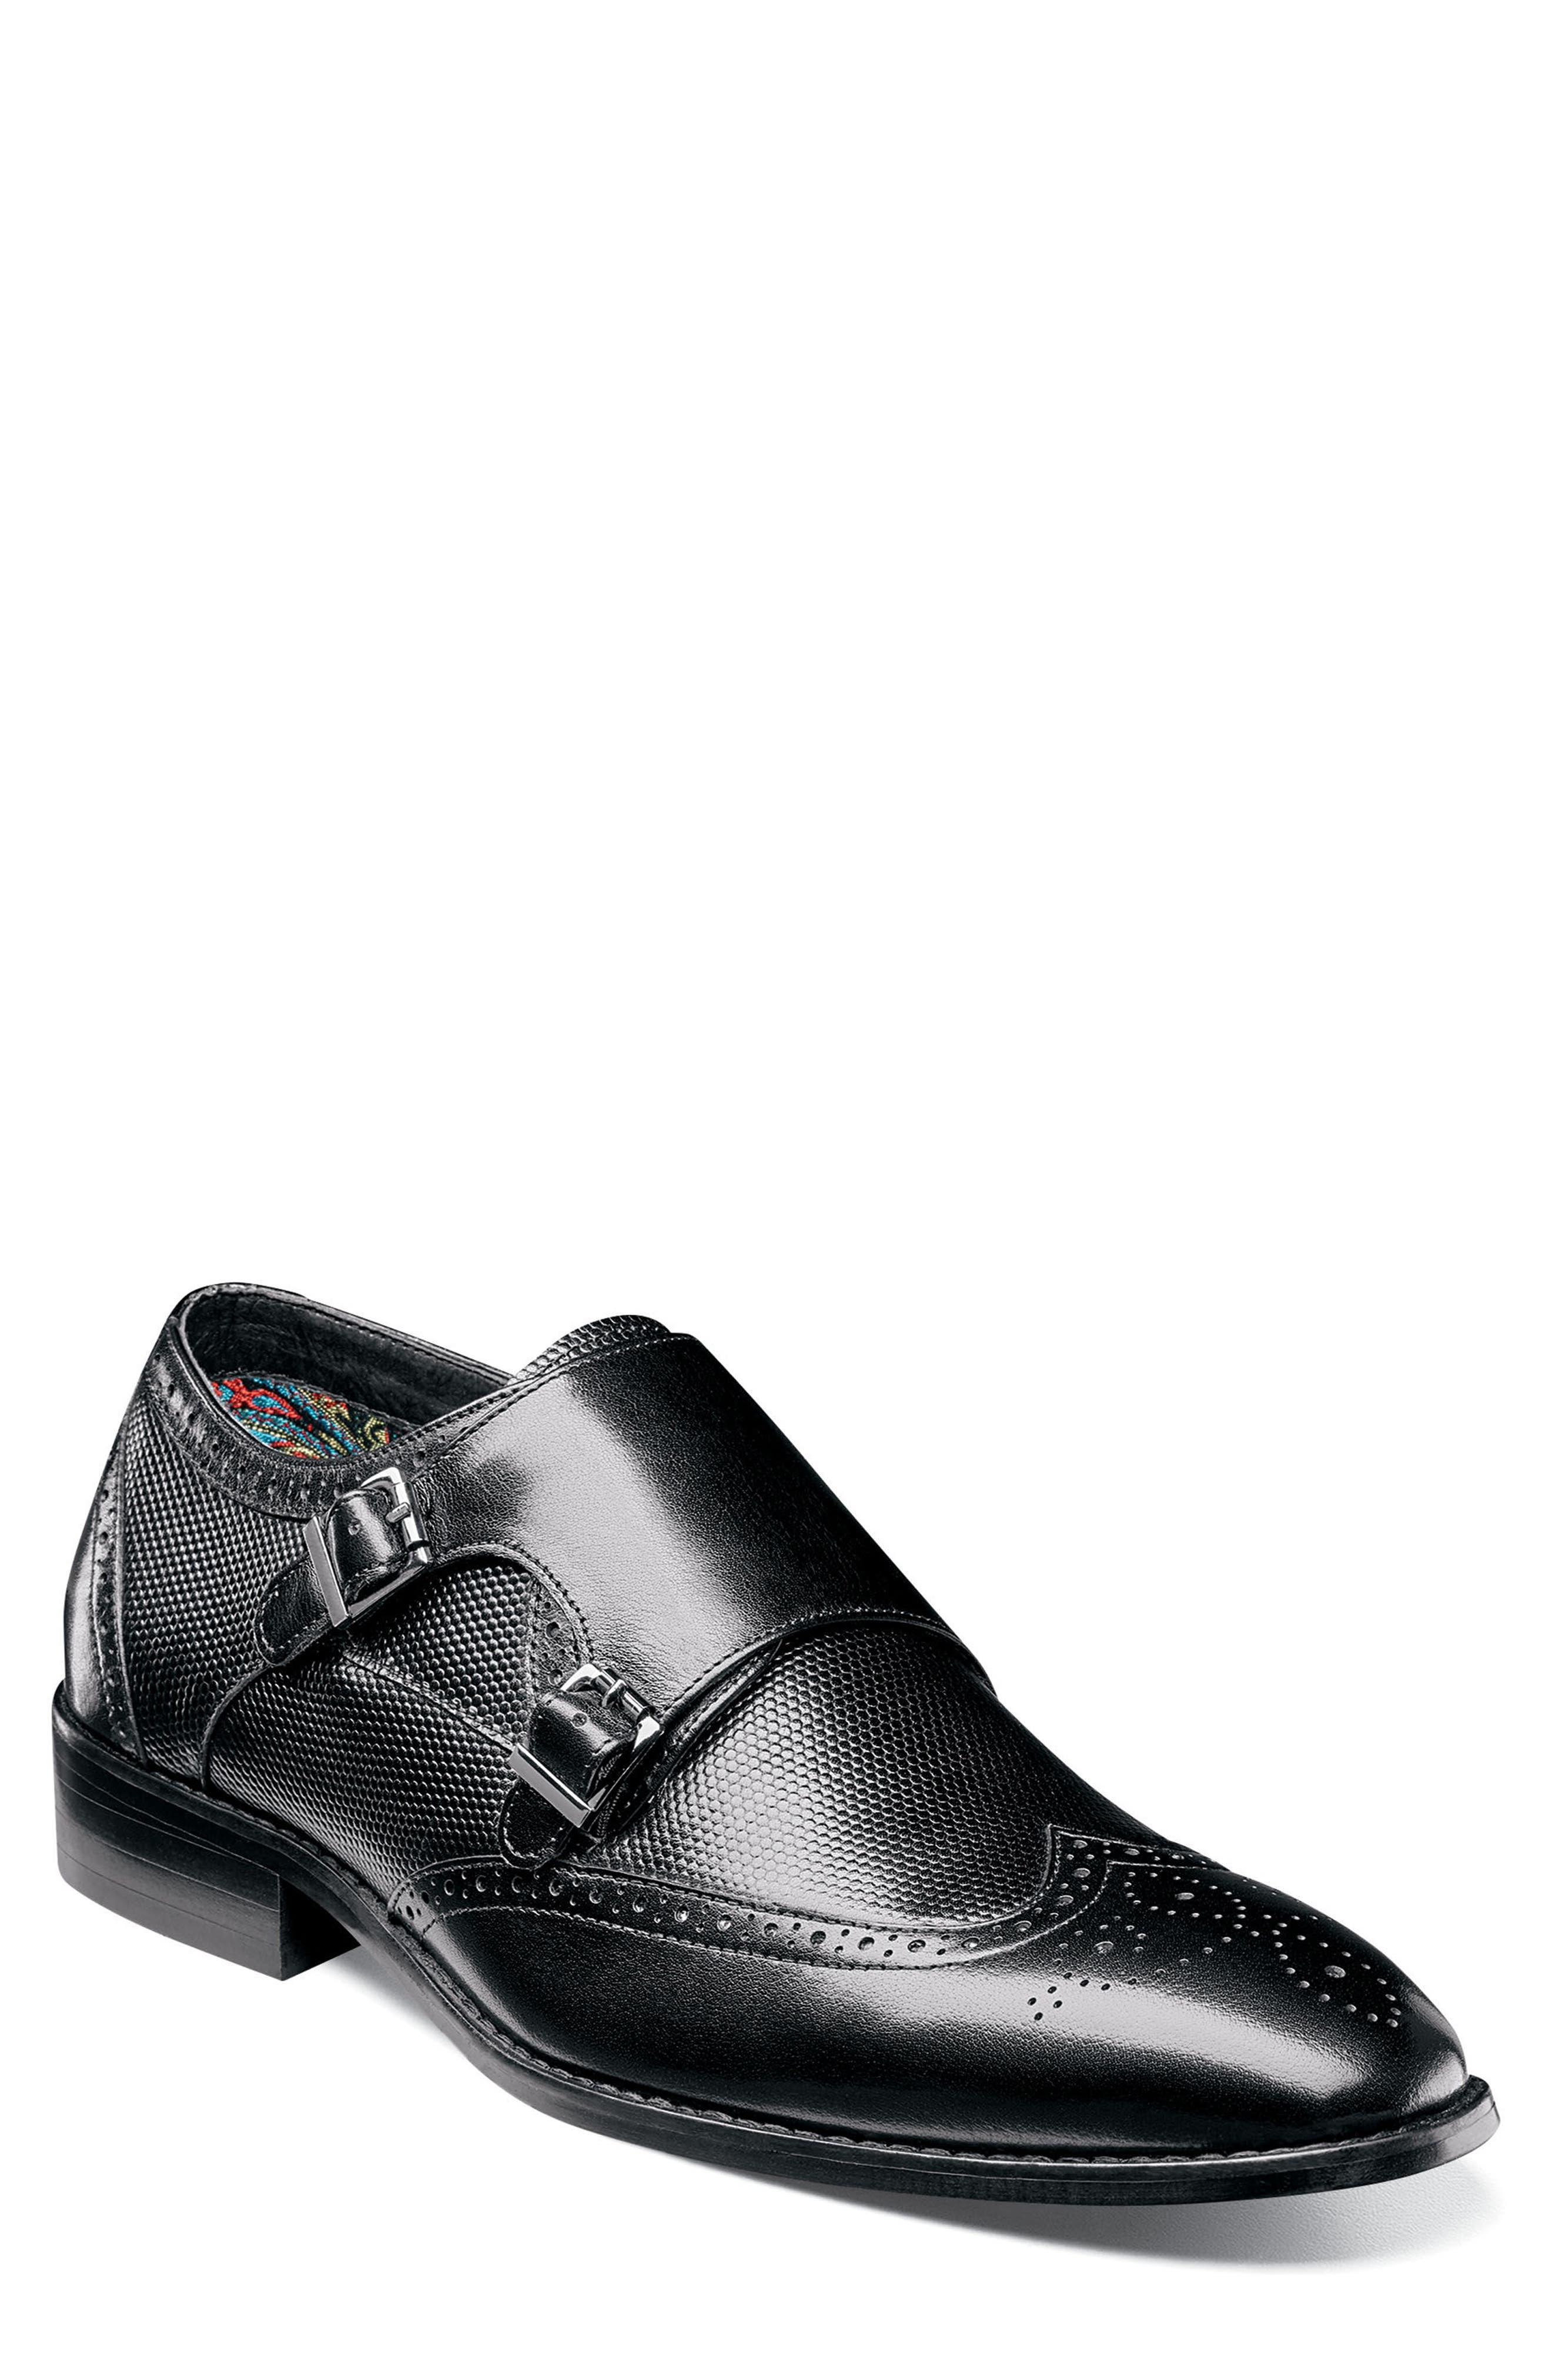 Lavine Wingtip Monk Shoe,                             Main thumbnail 1, color,                             BLACK LEATHER